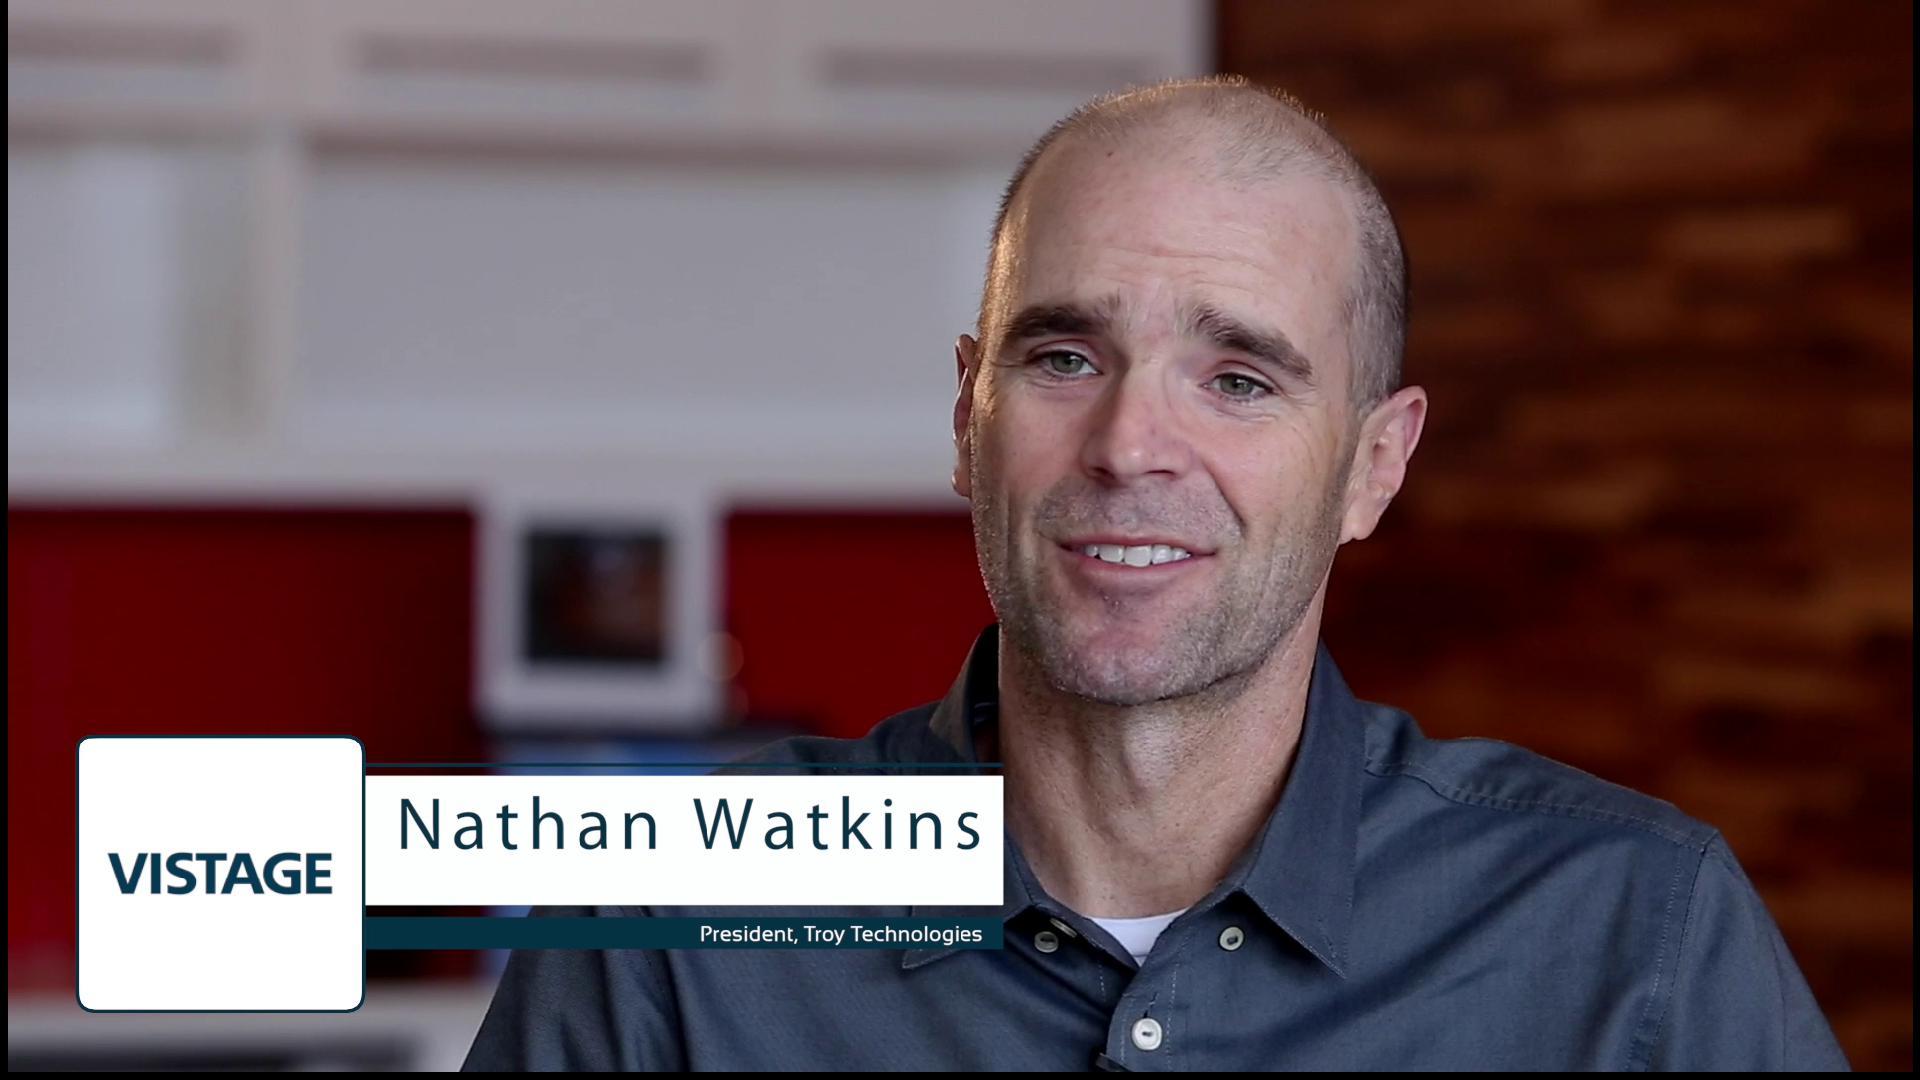 Nathan Watkins